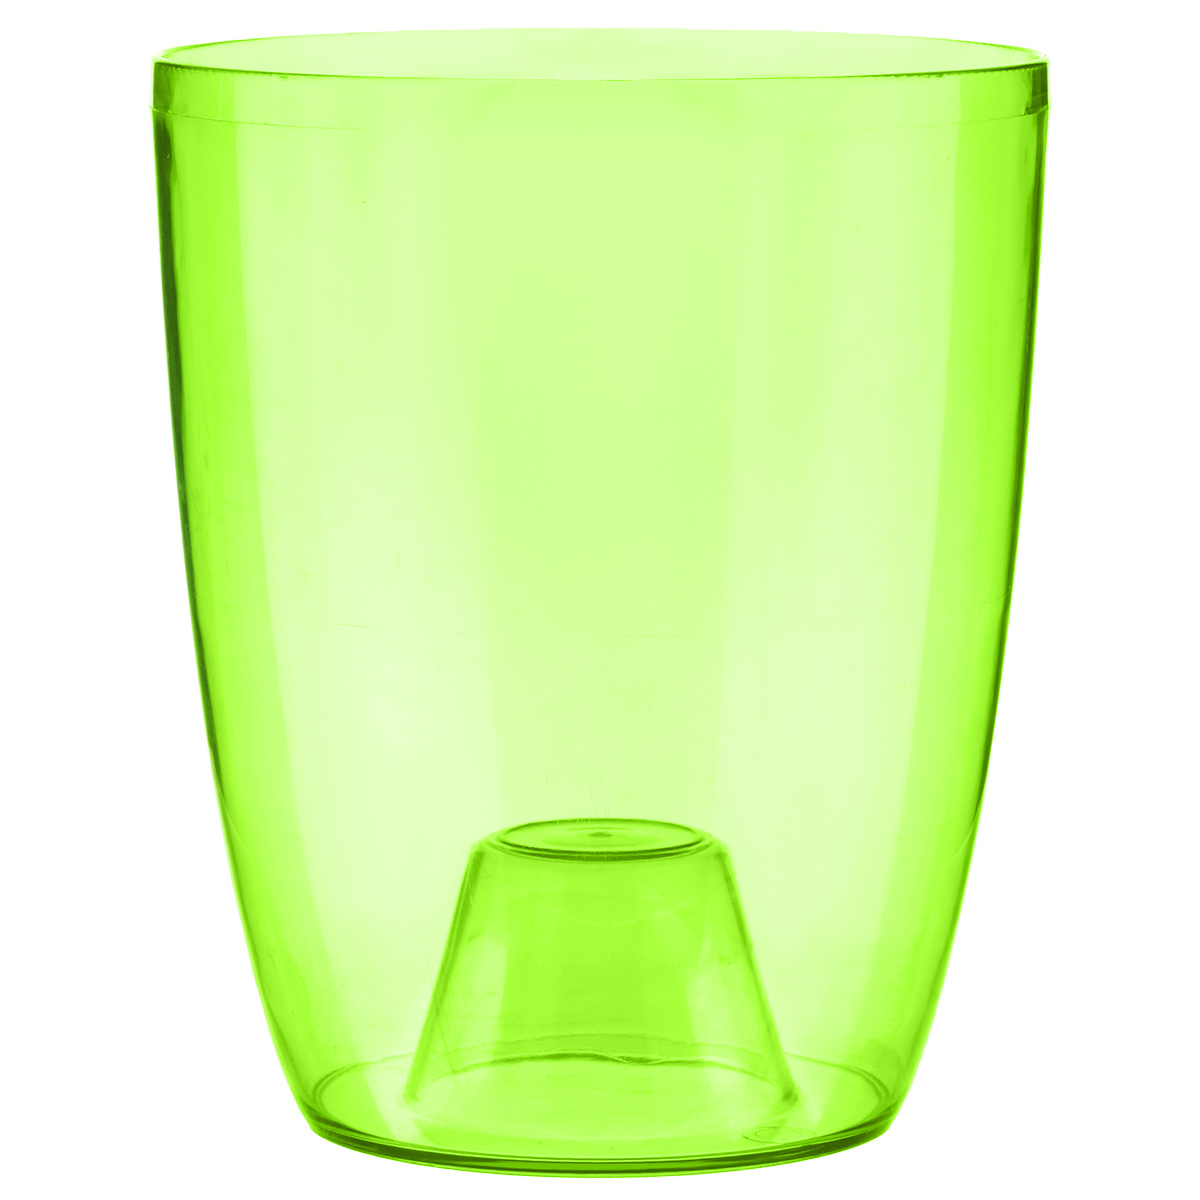 Кашпо Idea Орхидея, цвет: зеленый, диаметр 12,5 см67063_3Кашпо Idea Орхидея изготовлено из прочного прозрачного полистирола (пластика). Изделие предназначено для выращивания растений и цветов в домашних условиях. Такое кашпо порадует вас современным дизайном и функциональностью, а также оригинально украсит интерьер помещения. Диаметр по верхнему краю: 12,5 см. Высота кашпо: 15 см.